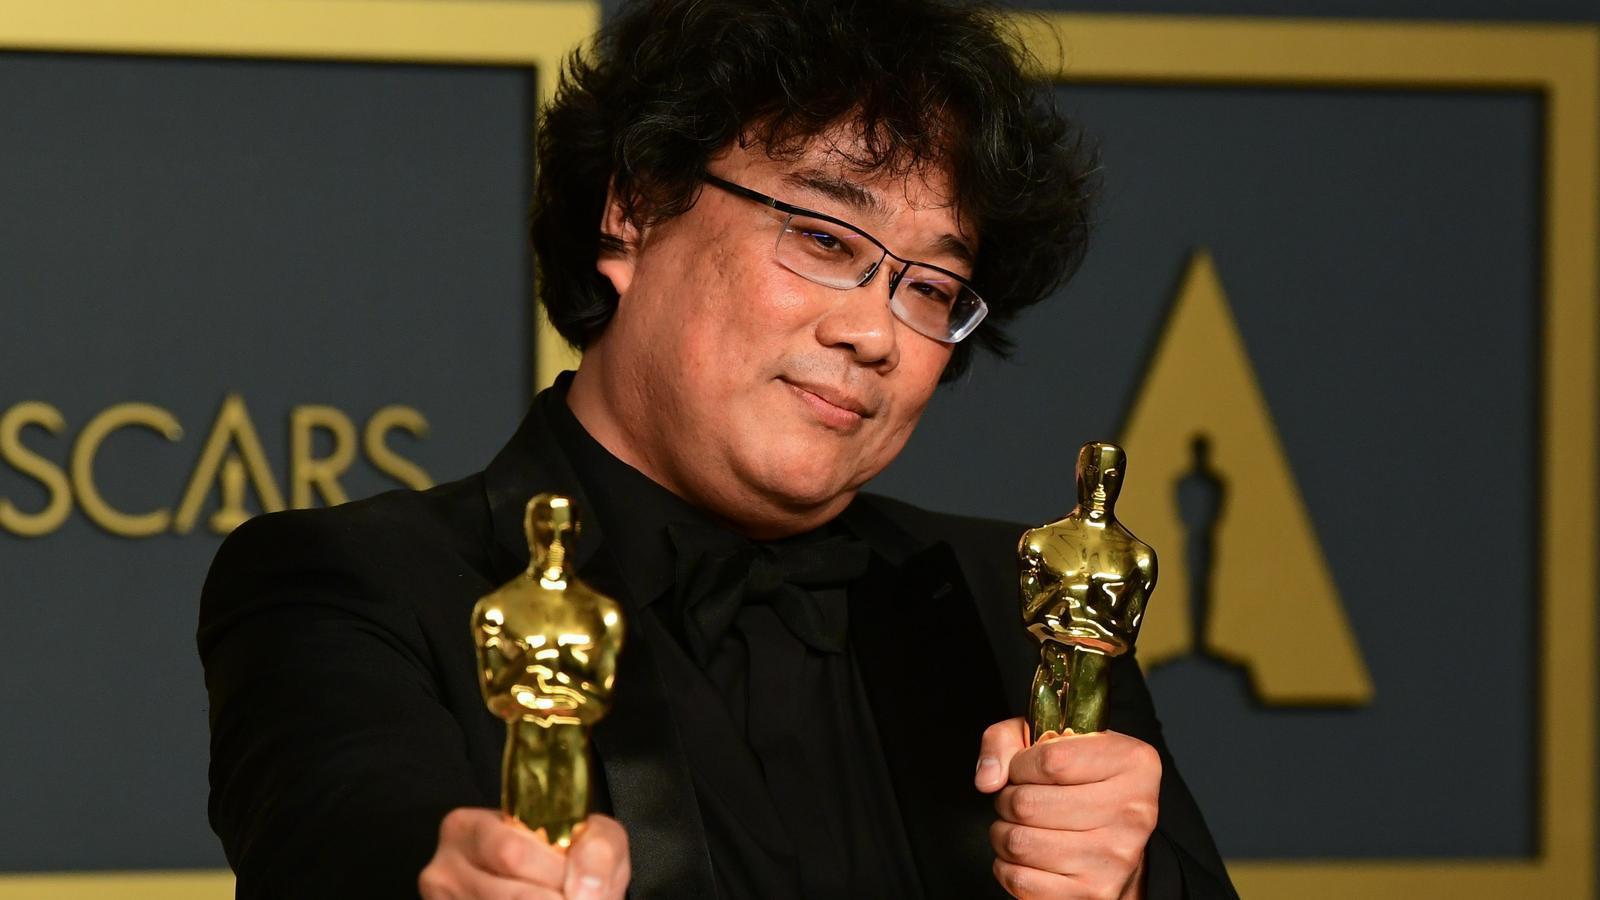 Triomf històric de 'Parásitos' als Oscars